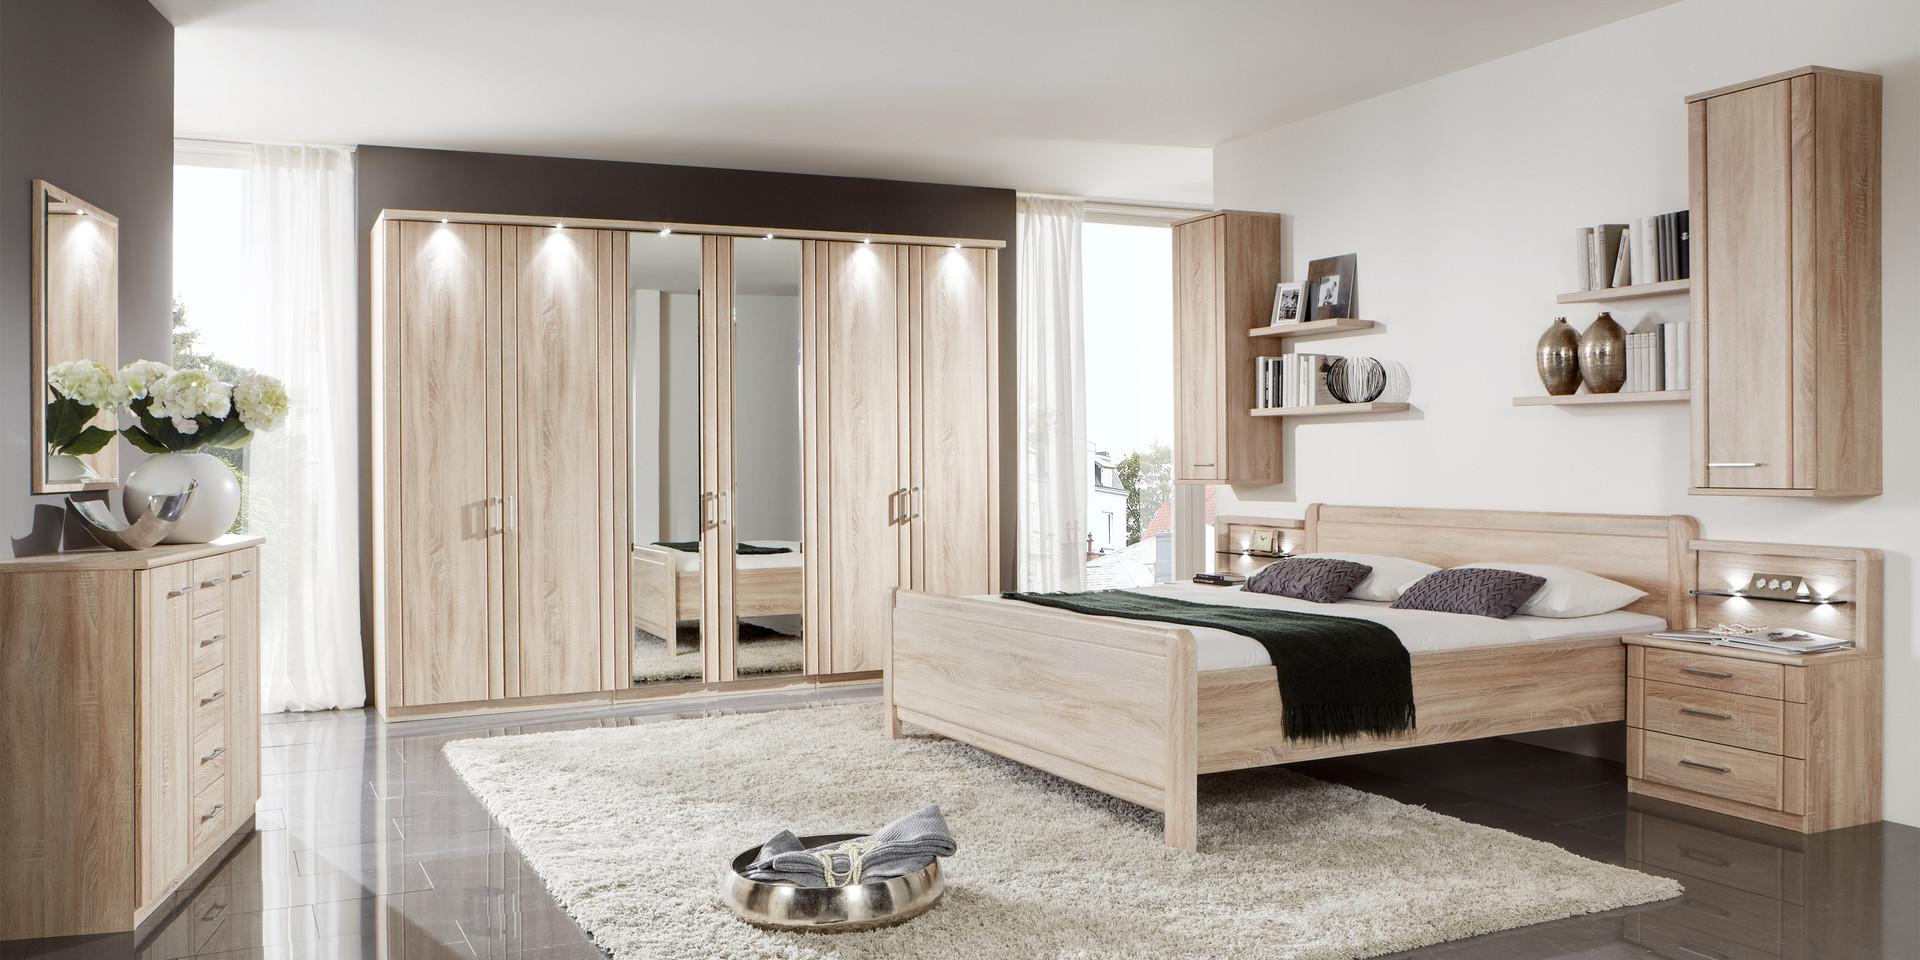 Erleben Sie Das Schlafzimmer Valencia Mobelhersteller Wiemann